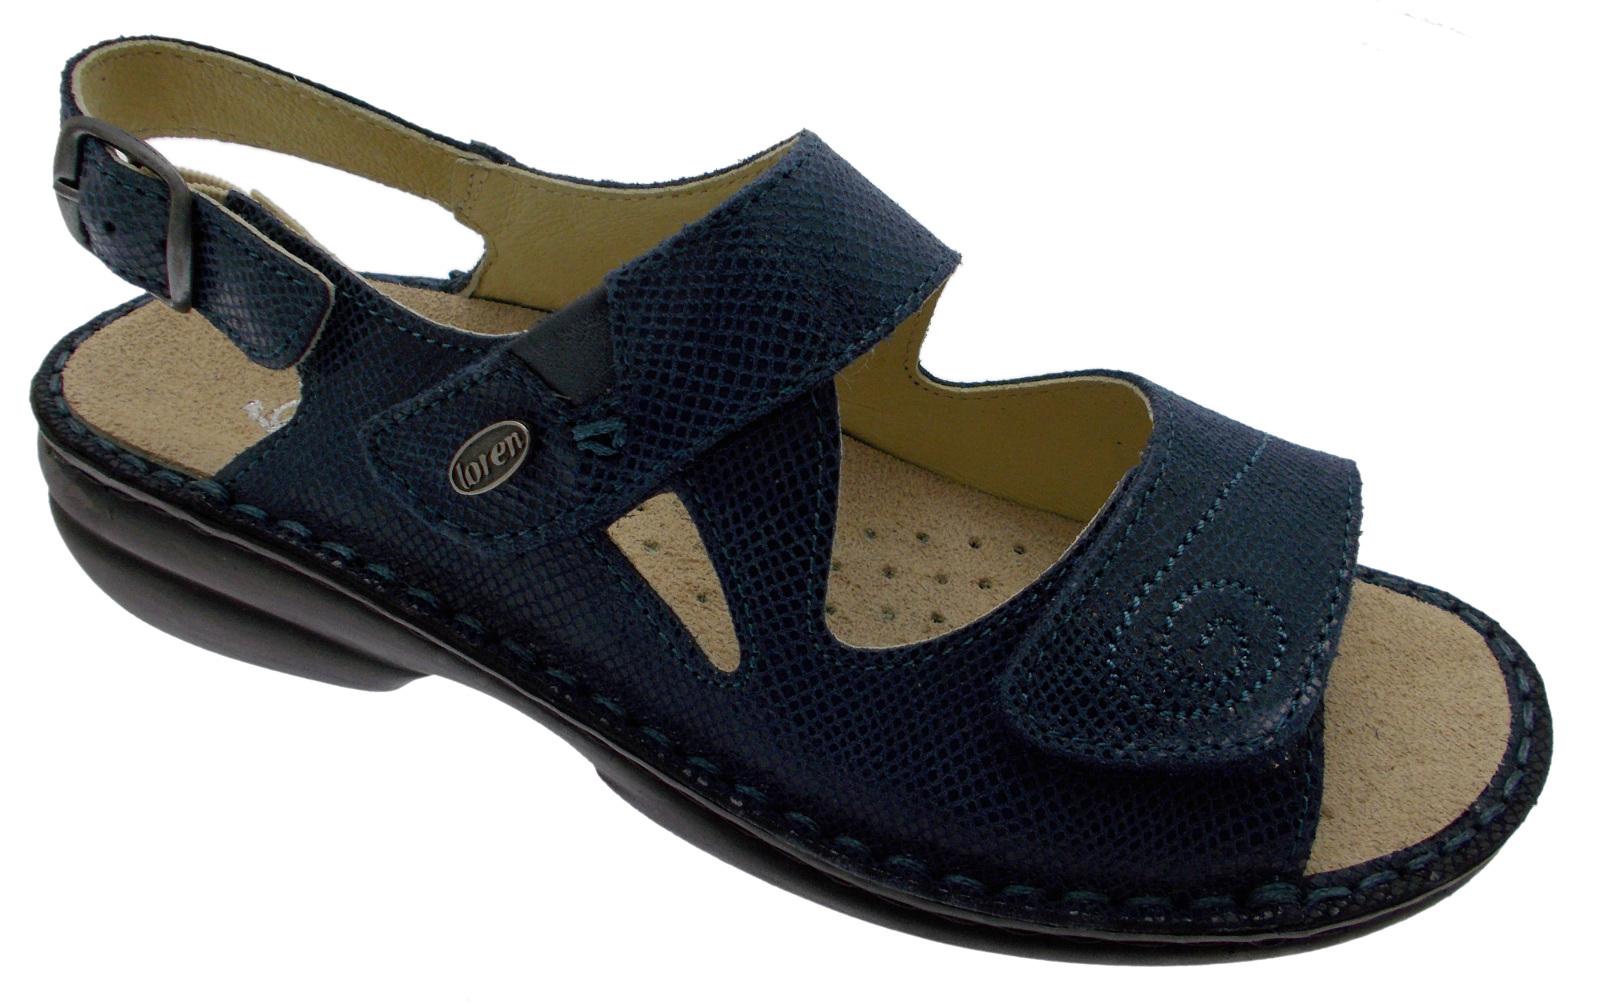 M2595 orthopédique sandale bleu extra grande clé à molette Loren